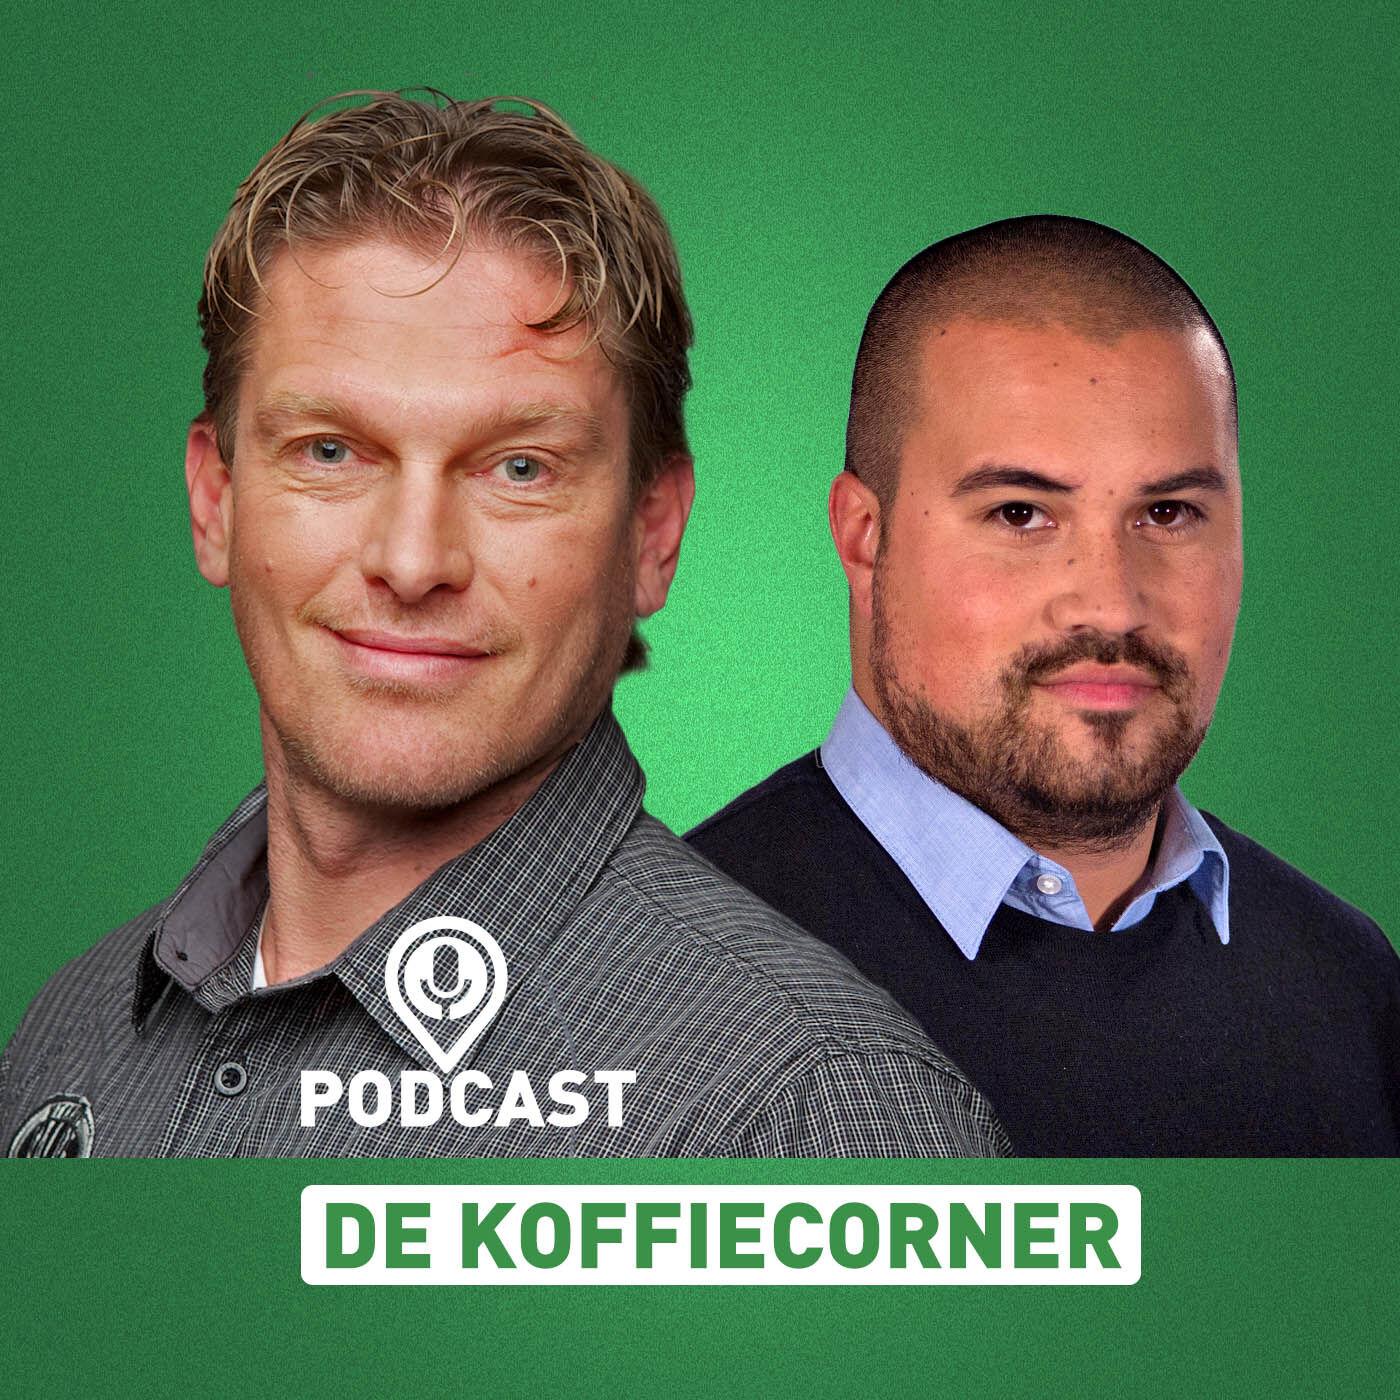 """De Koffiecorner #38 (met Danny Buijs): """"Ik maak genoeg achterbakse mensen mee in de voetballerij'"""